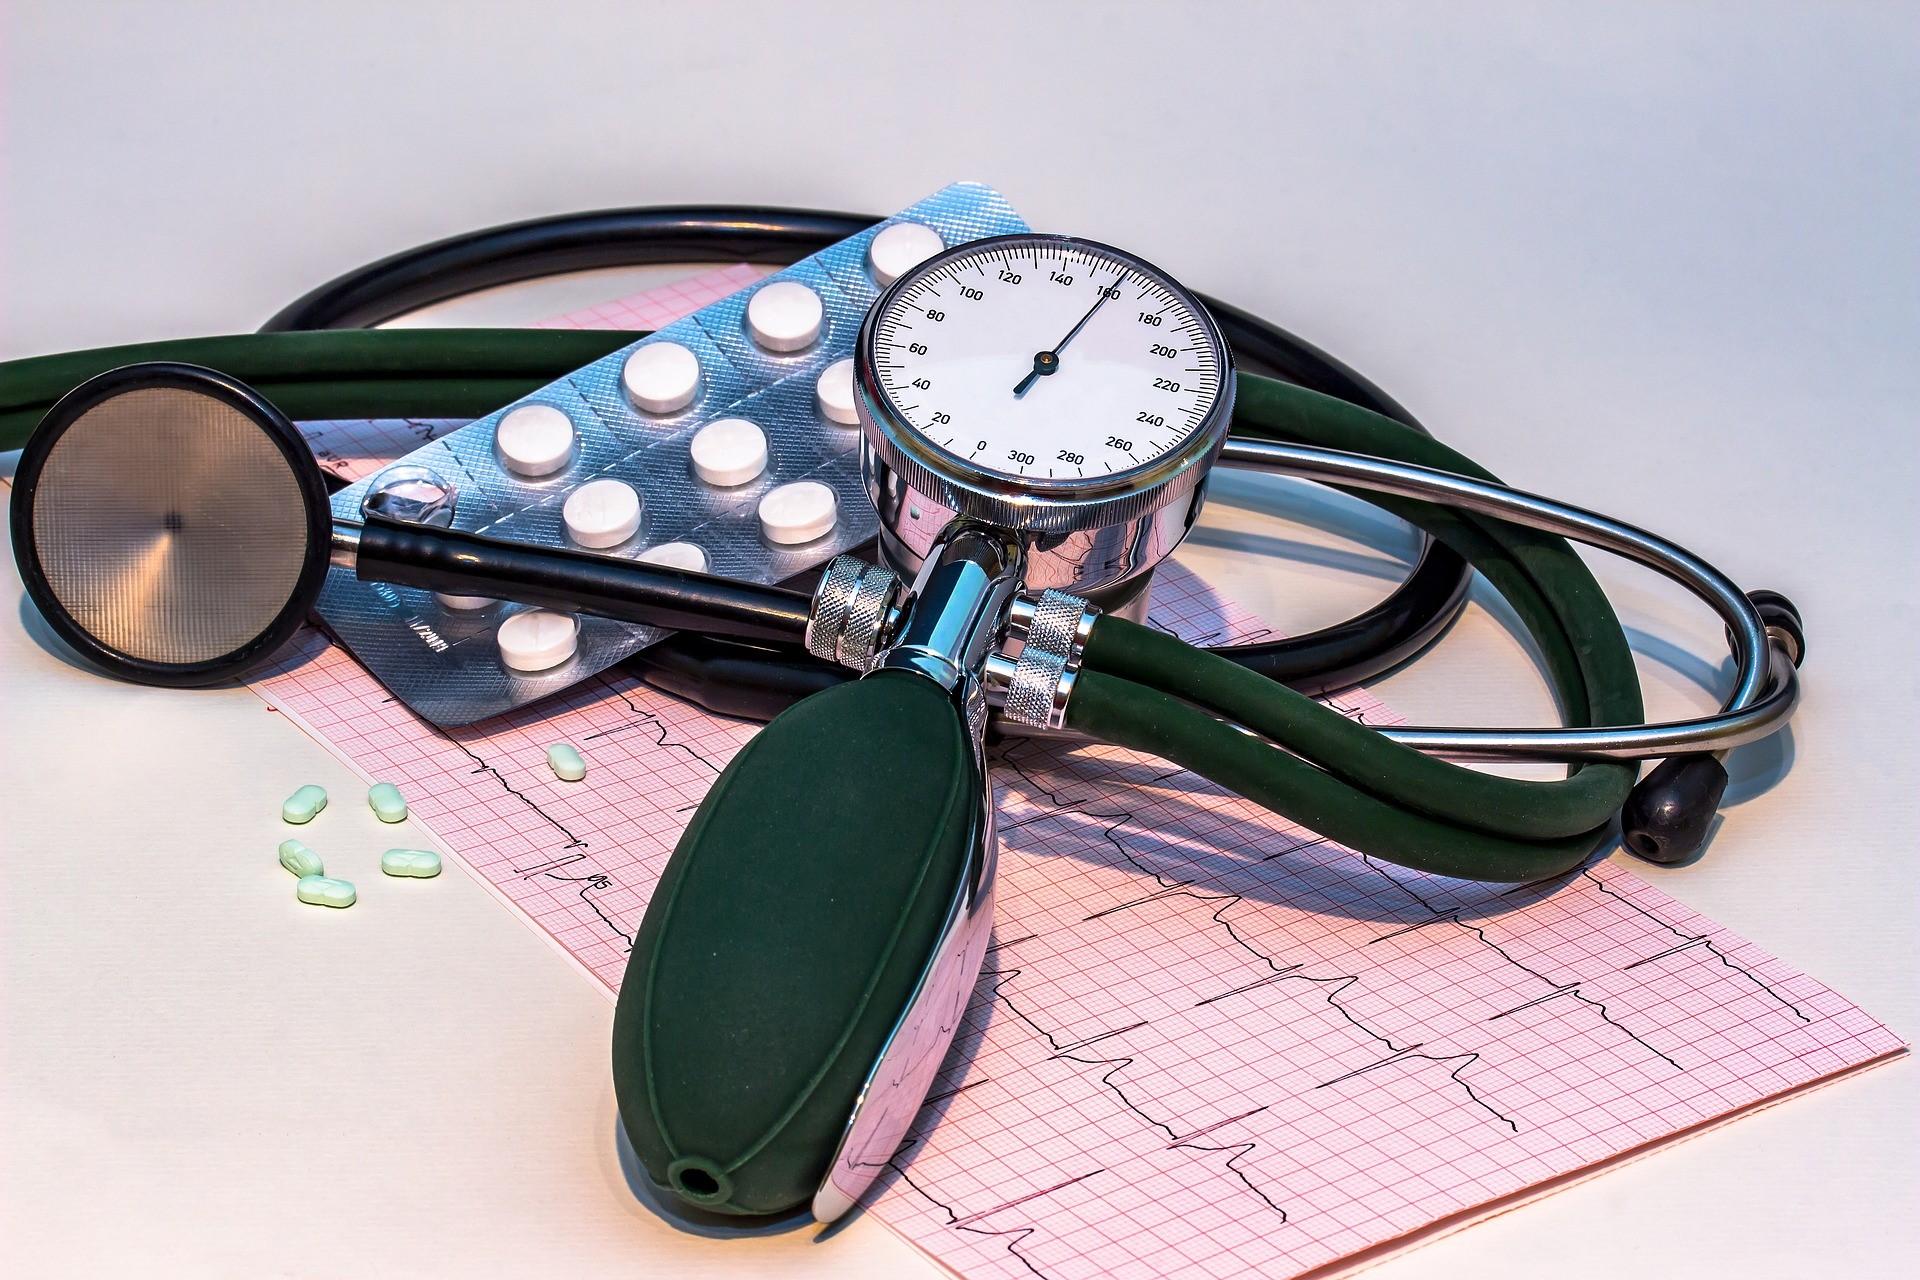 vyrų hipertenzijos gydymas